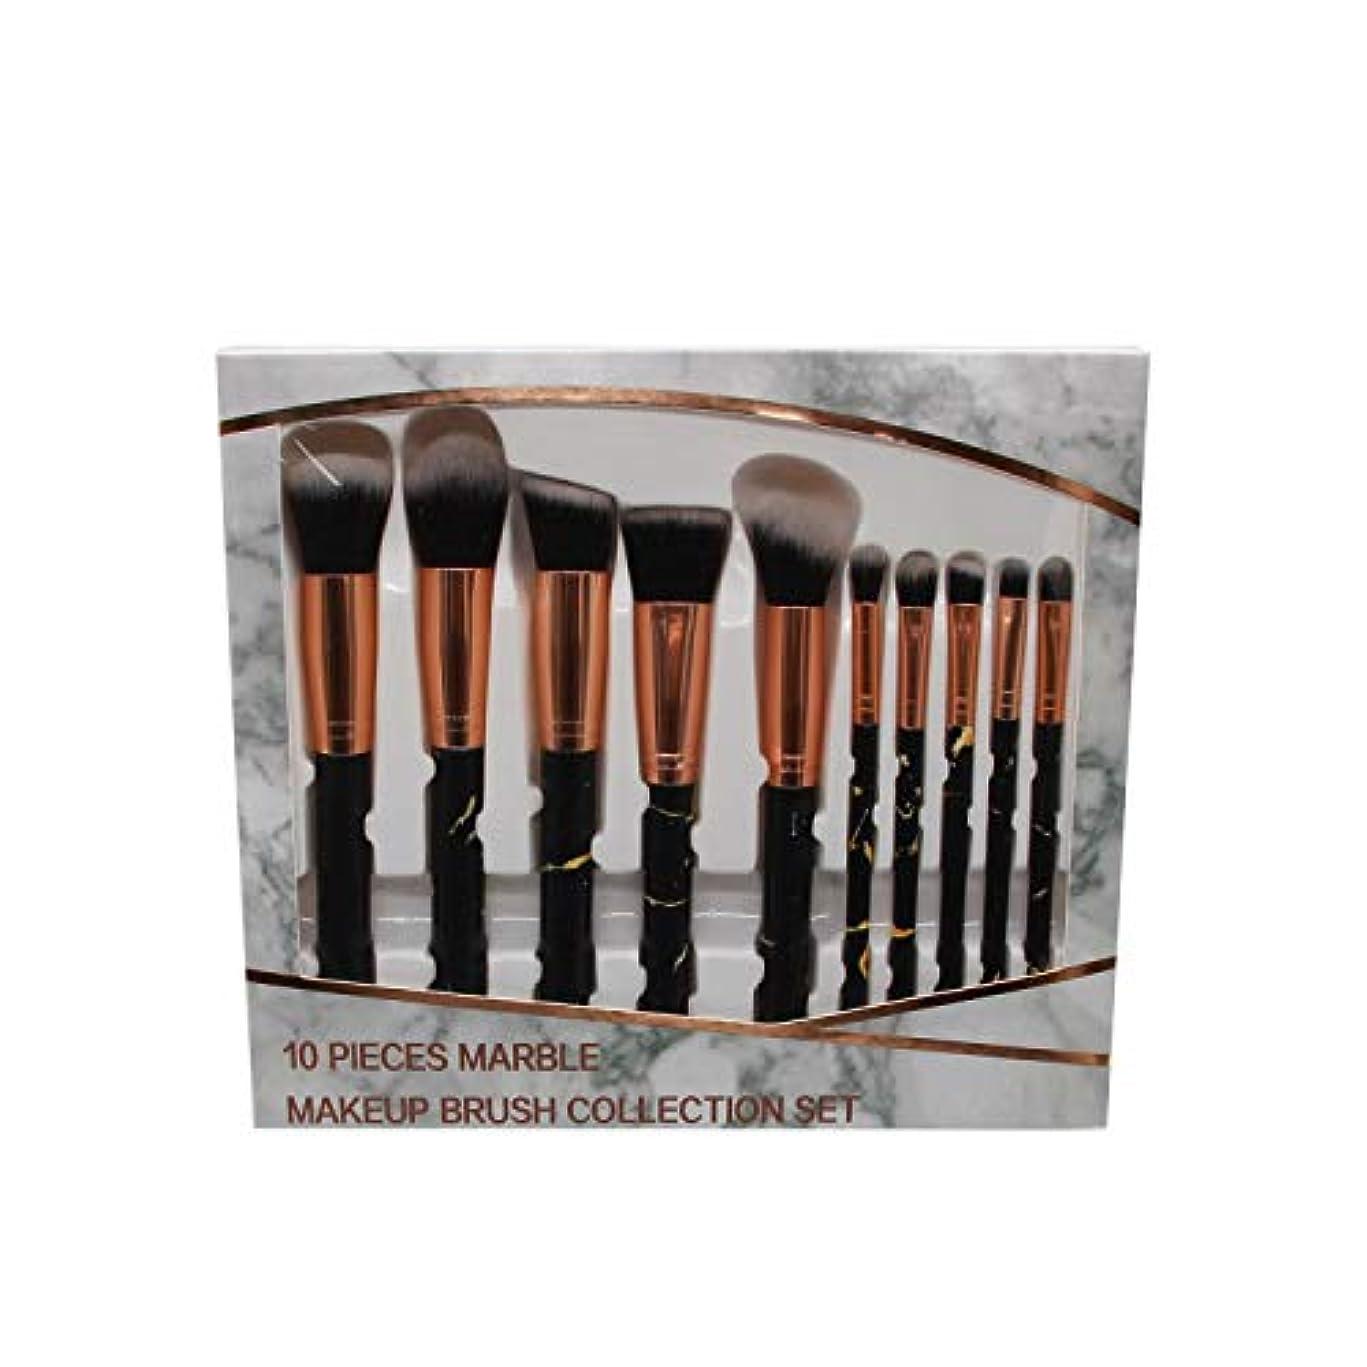 芸術不忠トライアスリートMakeup brushes 洗練された合成ファンデーションコンシーラーアイシャドウフェイシャルメイクアップブラシセット(10個)、マーブルメイクアップブラシセット suits (Color : Pink)